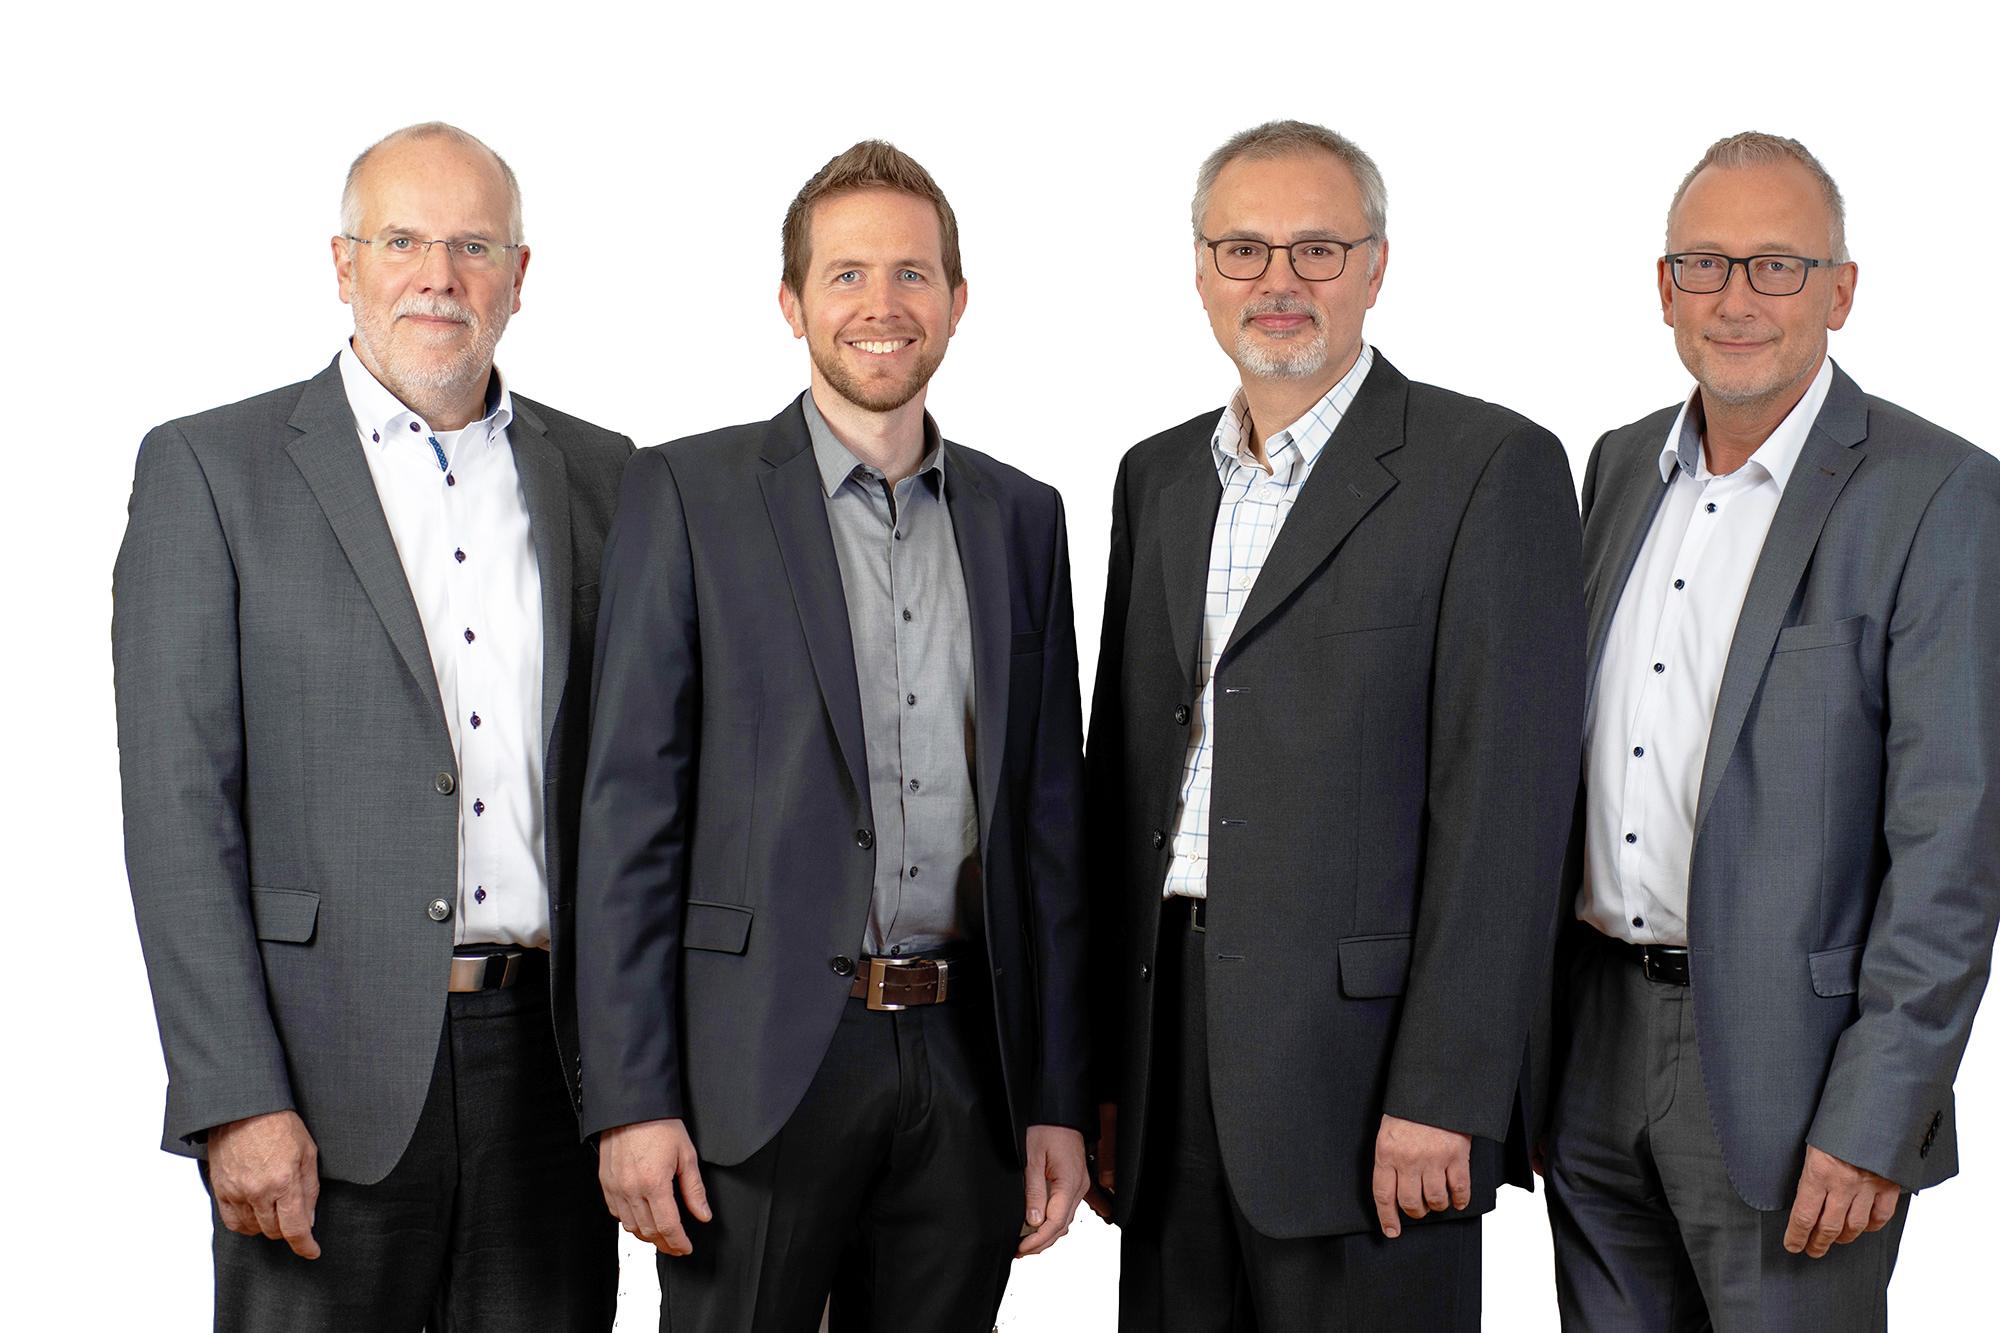 Bild: Mitglieder der Geschäftsführung